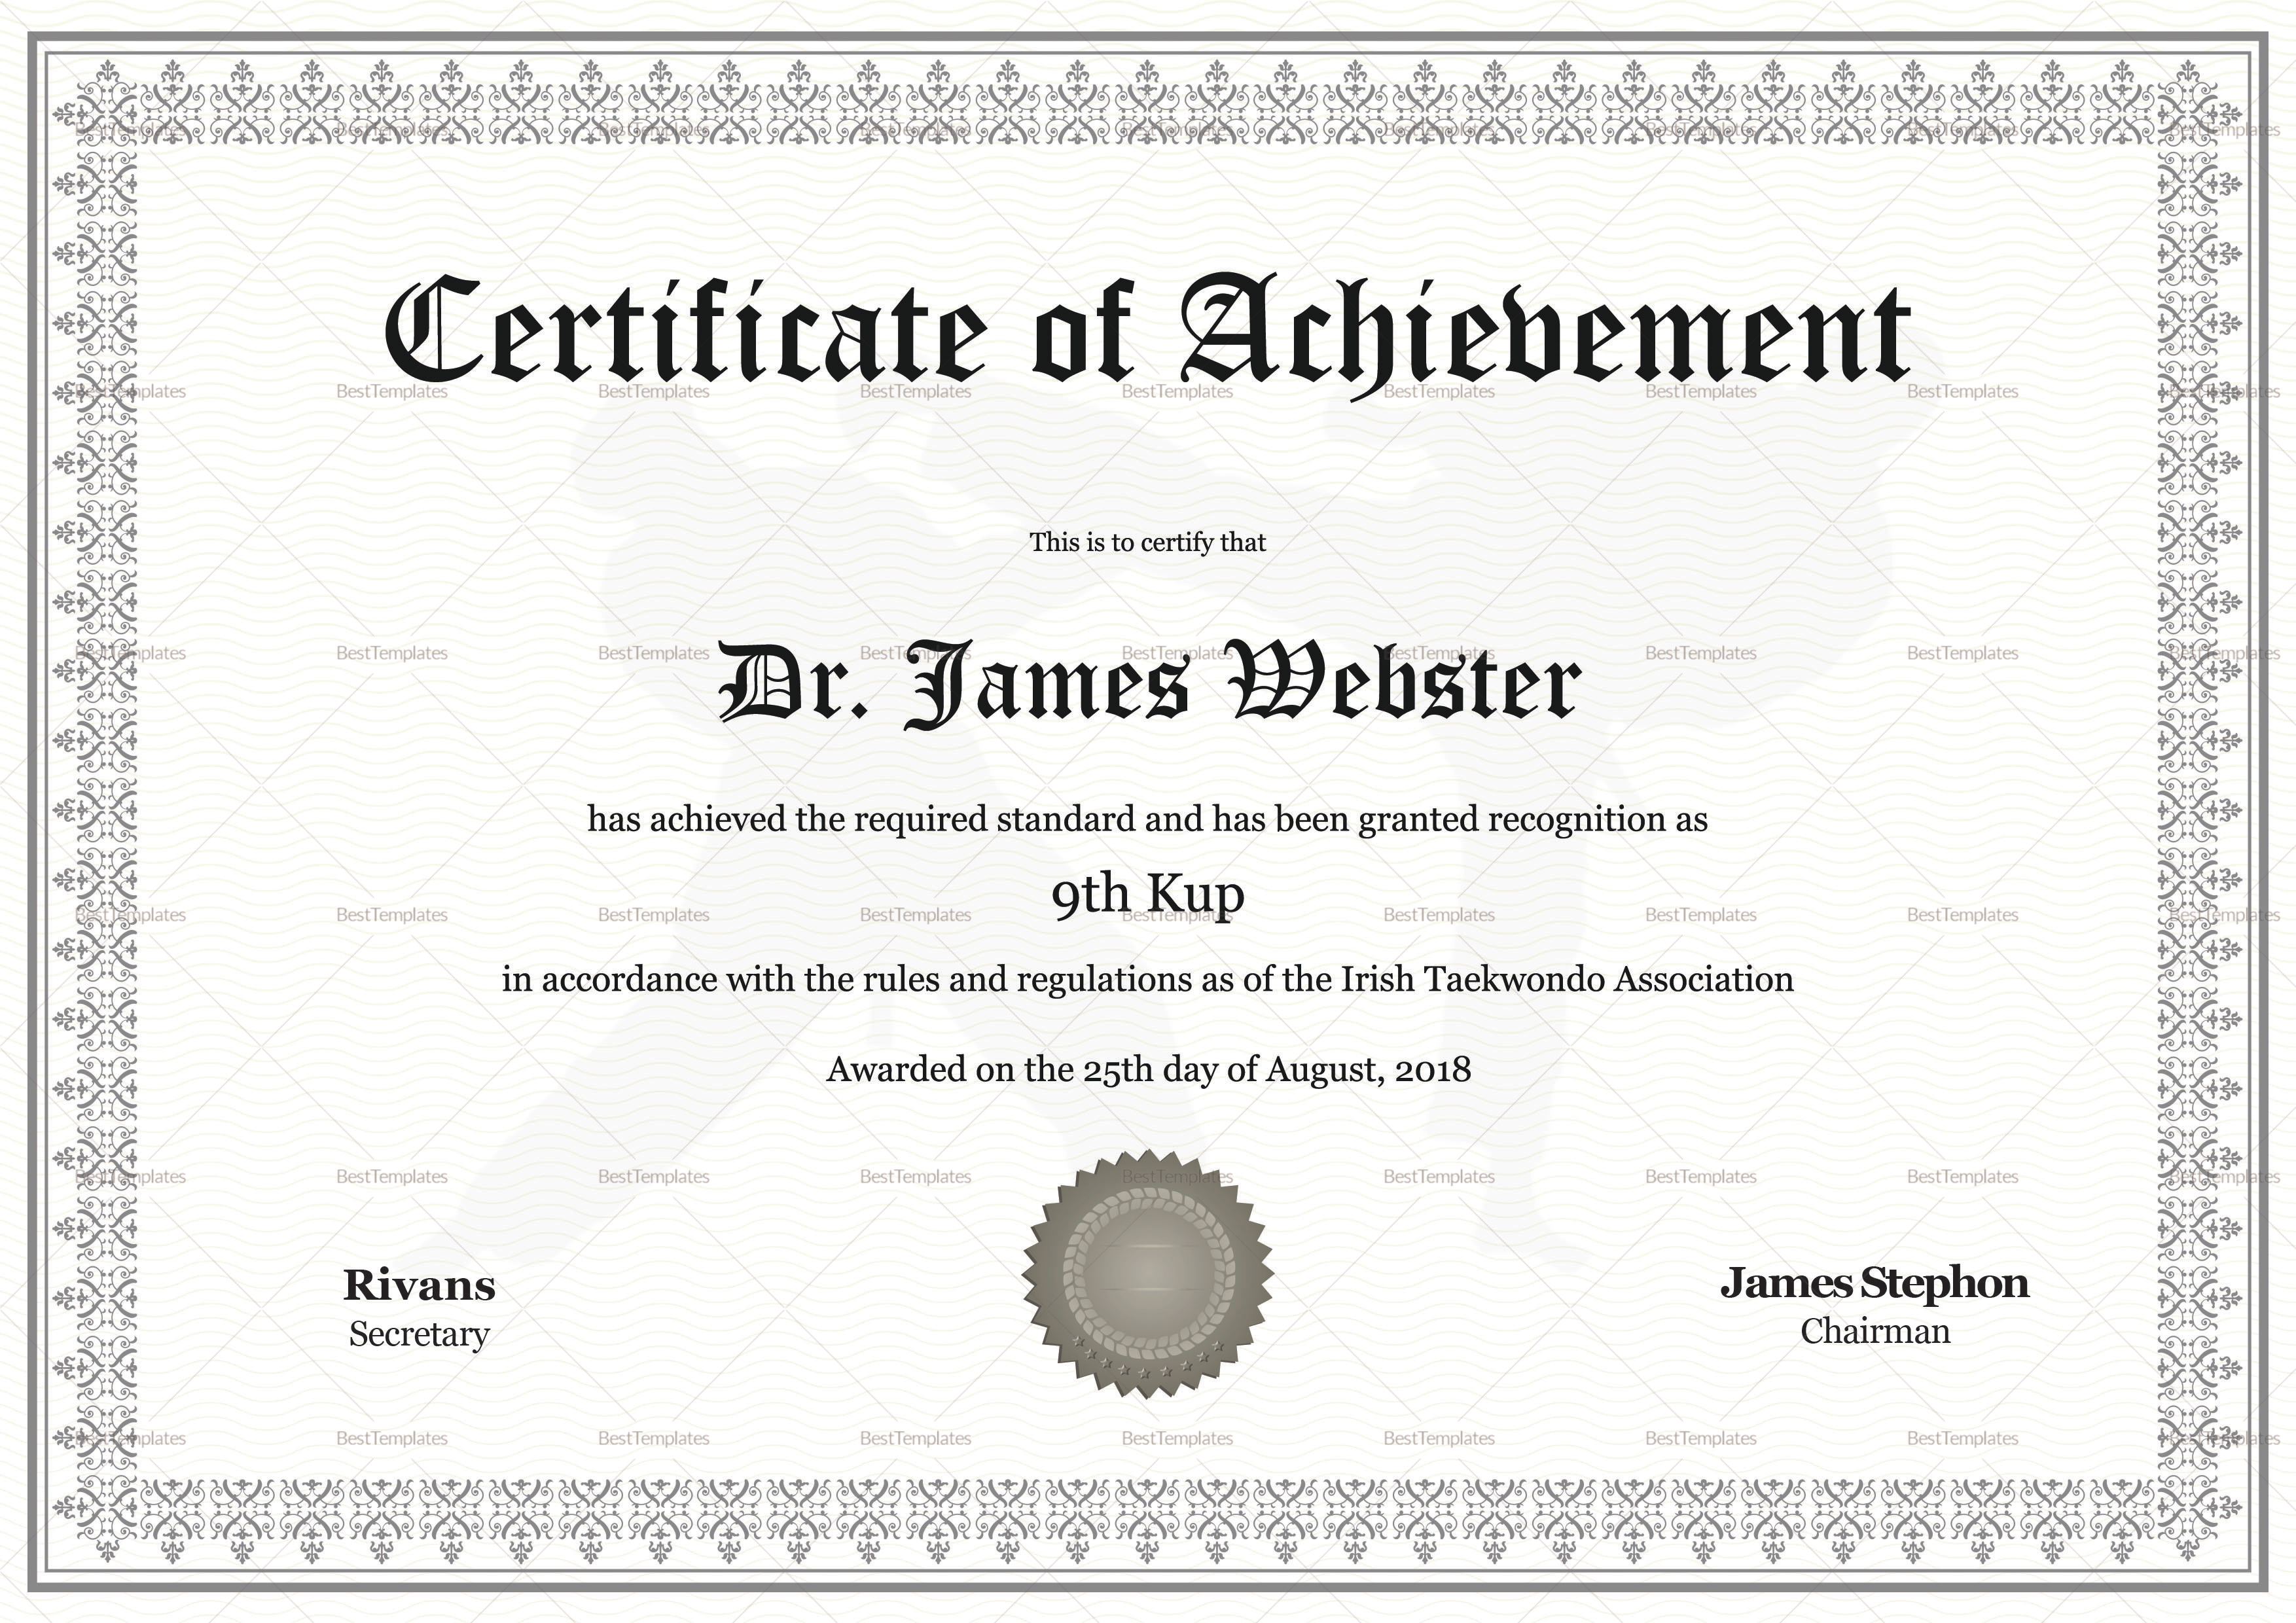 taekwondo certificate design template in psd word